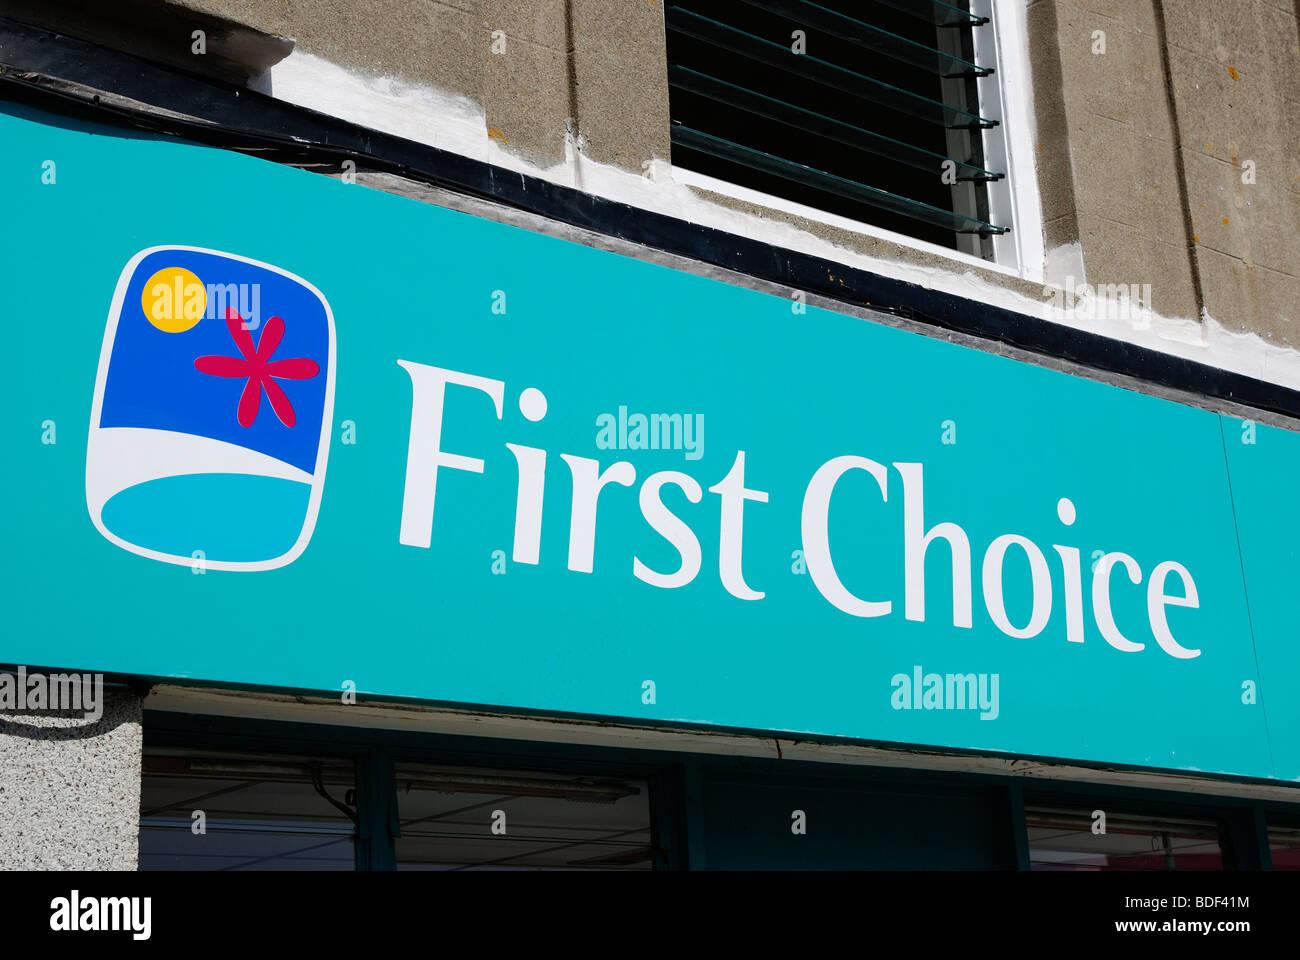 Il logo shop segno di ' prima scelta ' holiday travel company, England, Regno Unito Immagini Stock